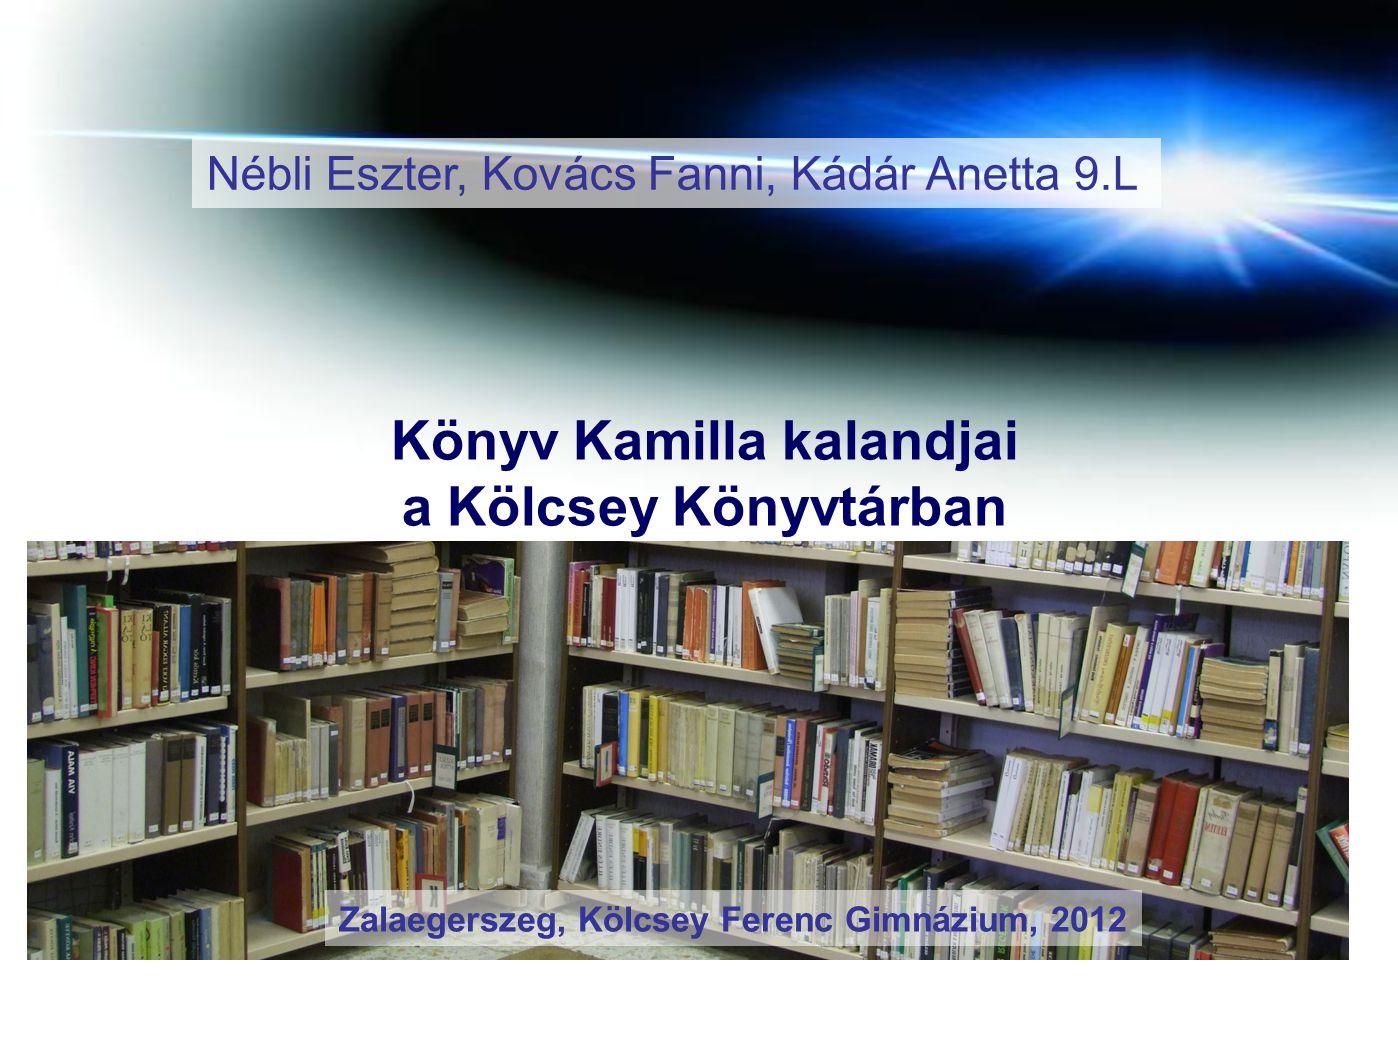 Könyv Kamilla kalandjai a Kölcsey Könyvtárban Zalaegerszeg, Kölcsey Ferenc Gimnázium, 2012 Nébli Eszter, Kovács Fanni, Kádár Anetta 9.L